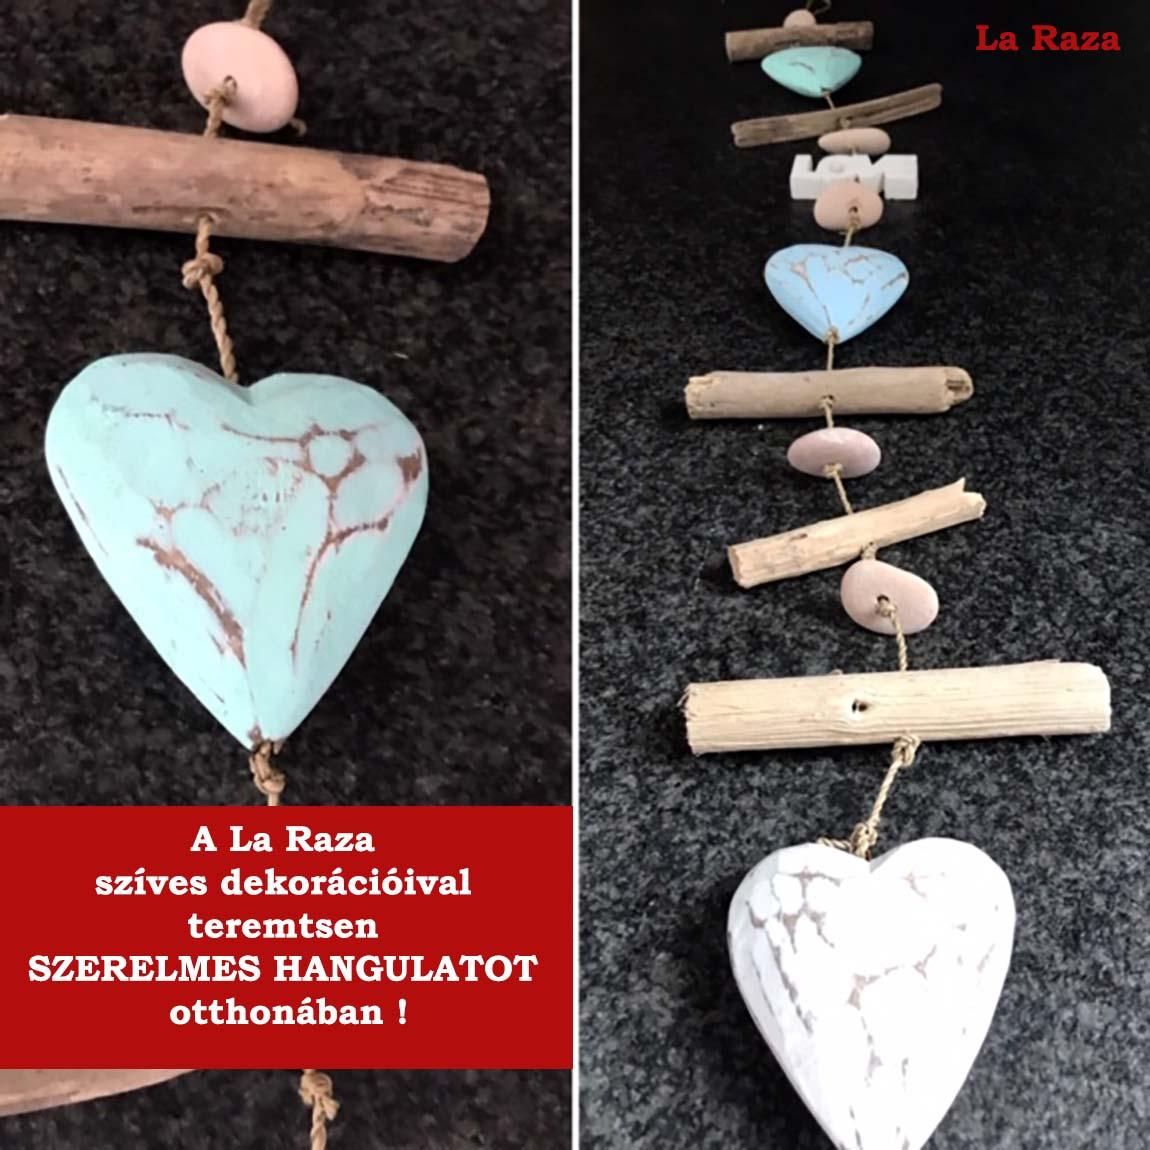 Valentin napi ajándékötletek a www.laraza.hu oldalon.